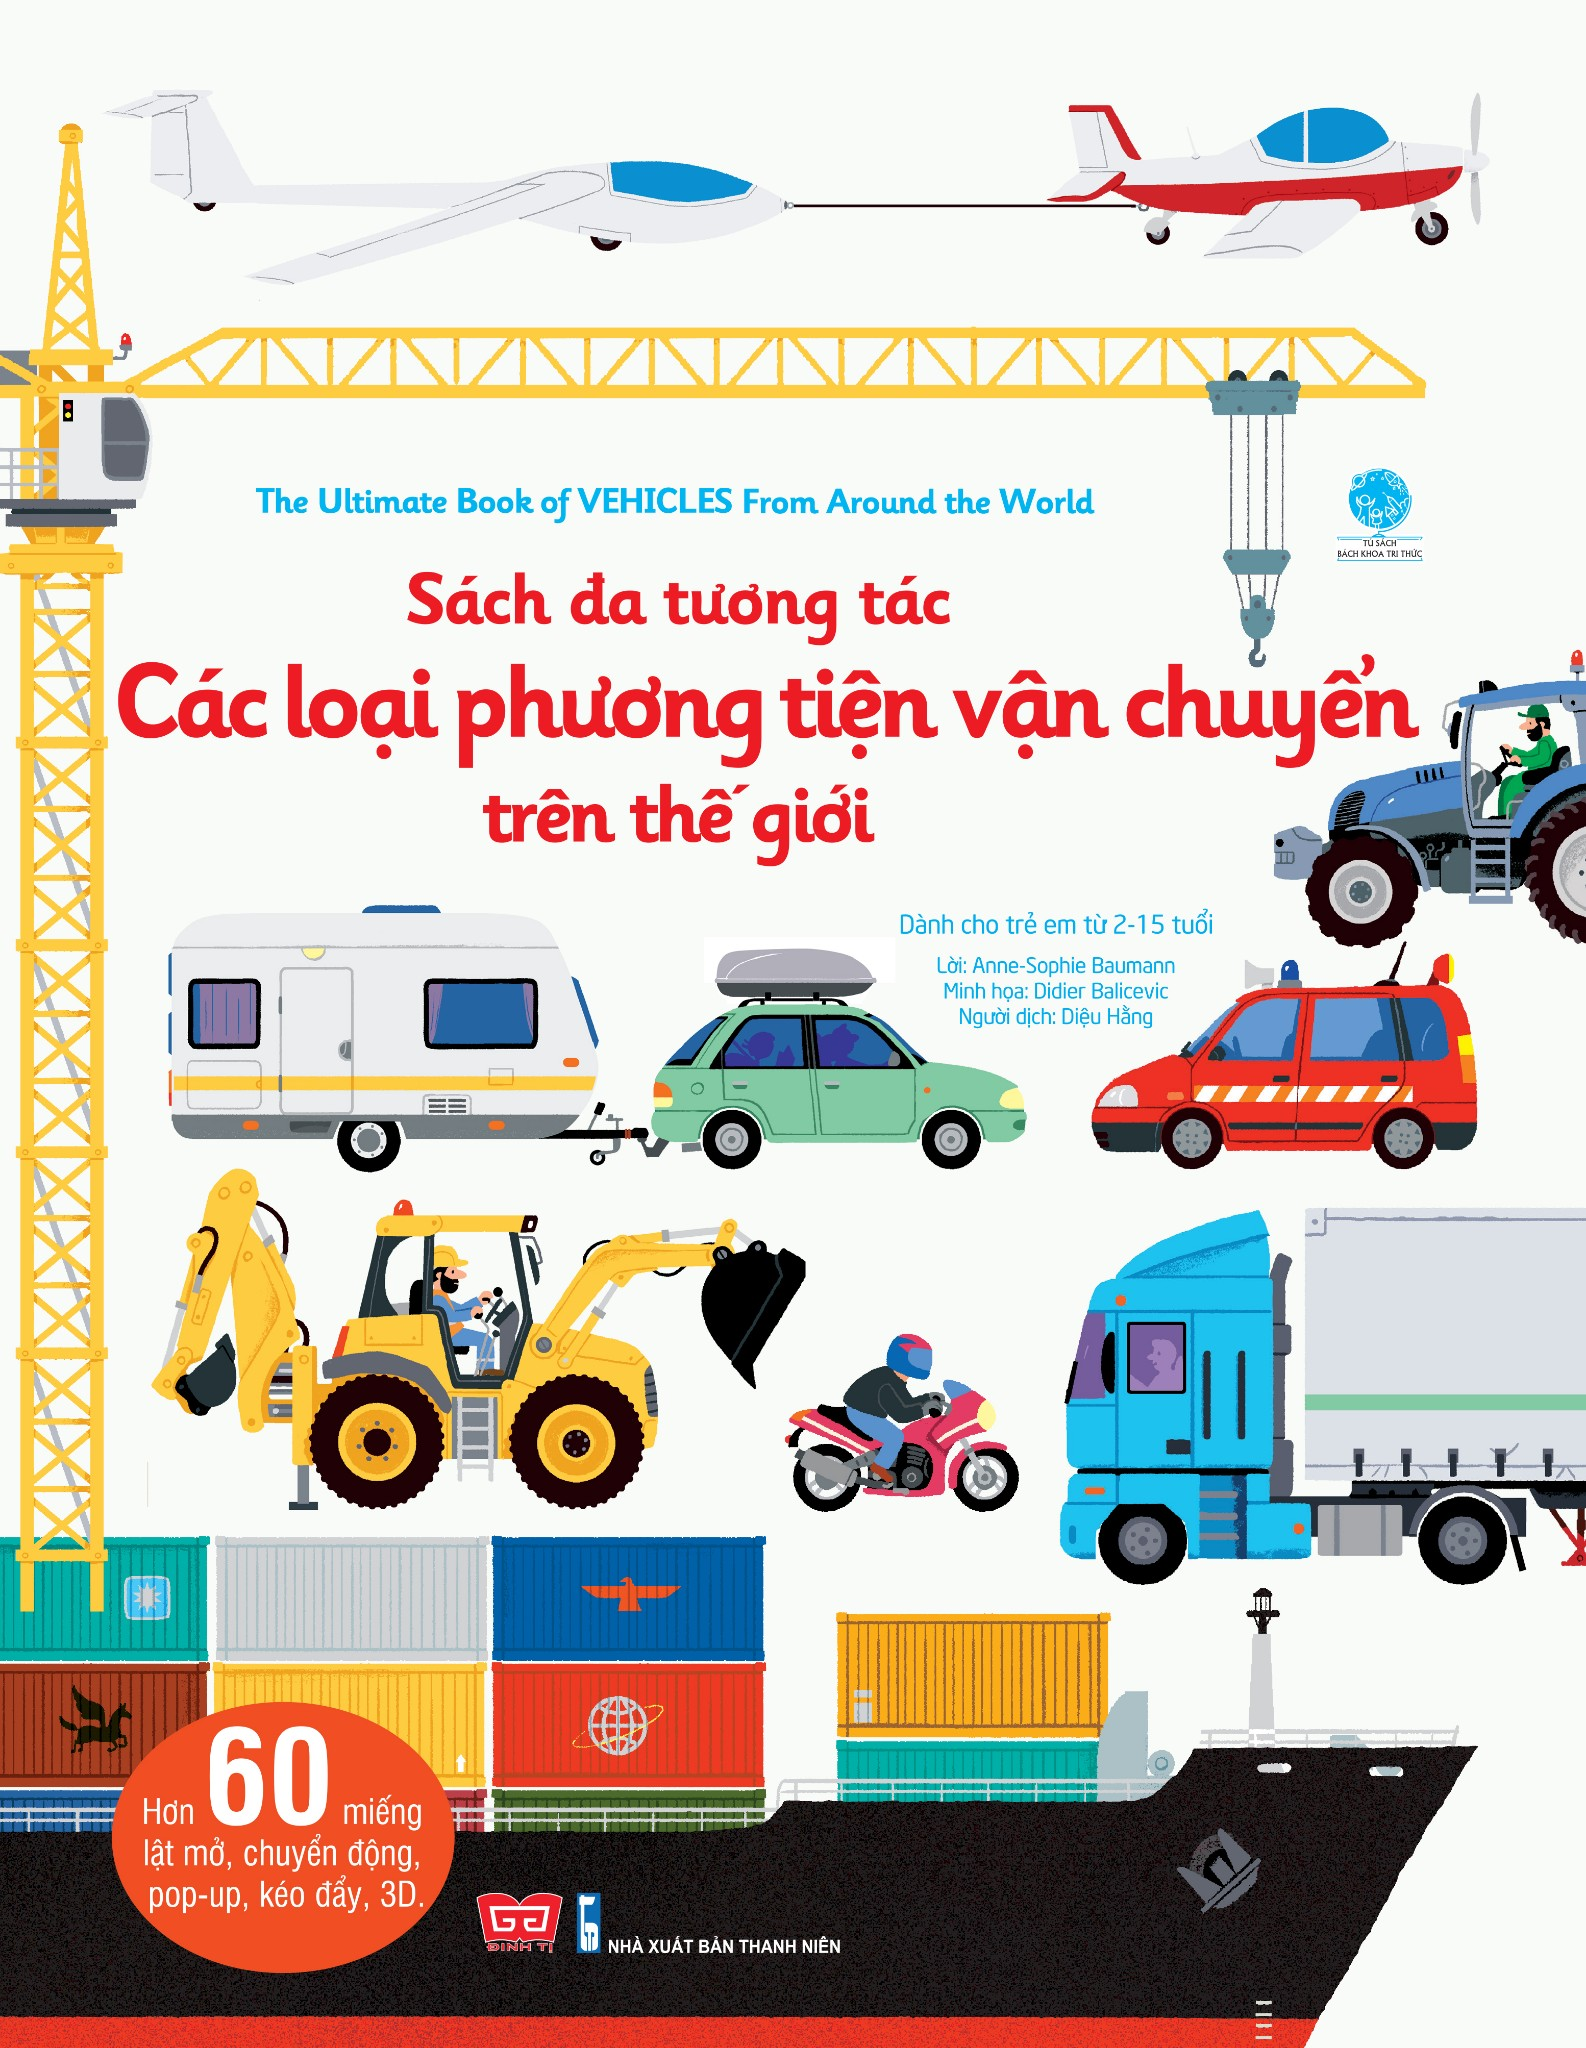 The Ultimate Book of Vehicles: From Around the World - Sách đa tương tác - Các loại phương tiện vận chuyển trên thế giới